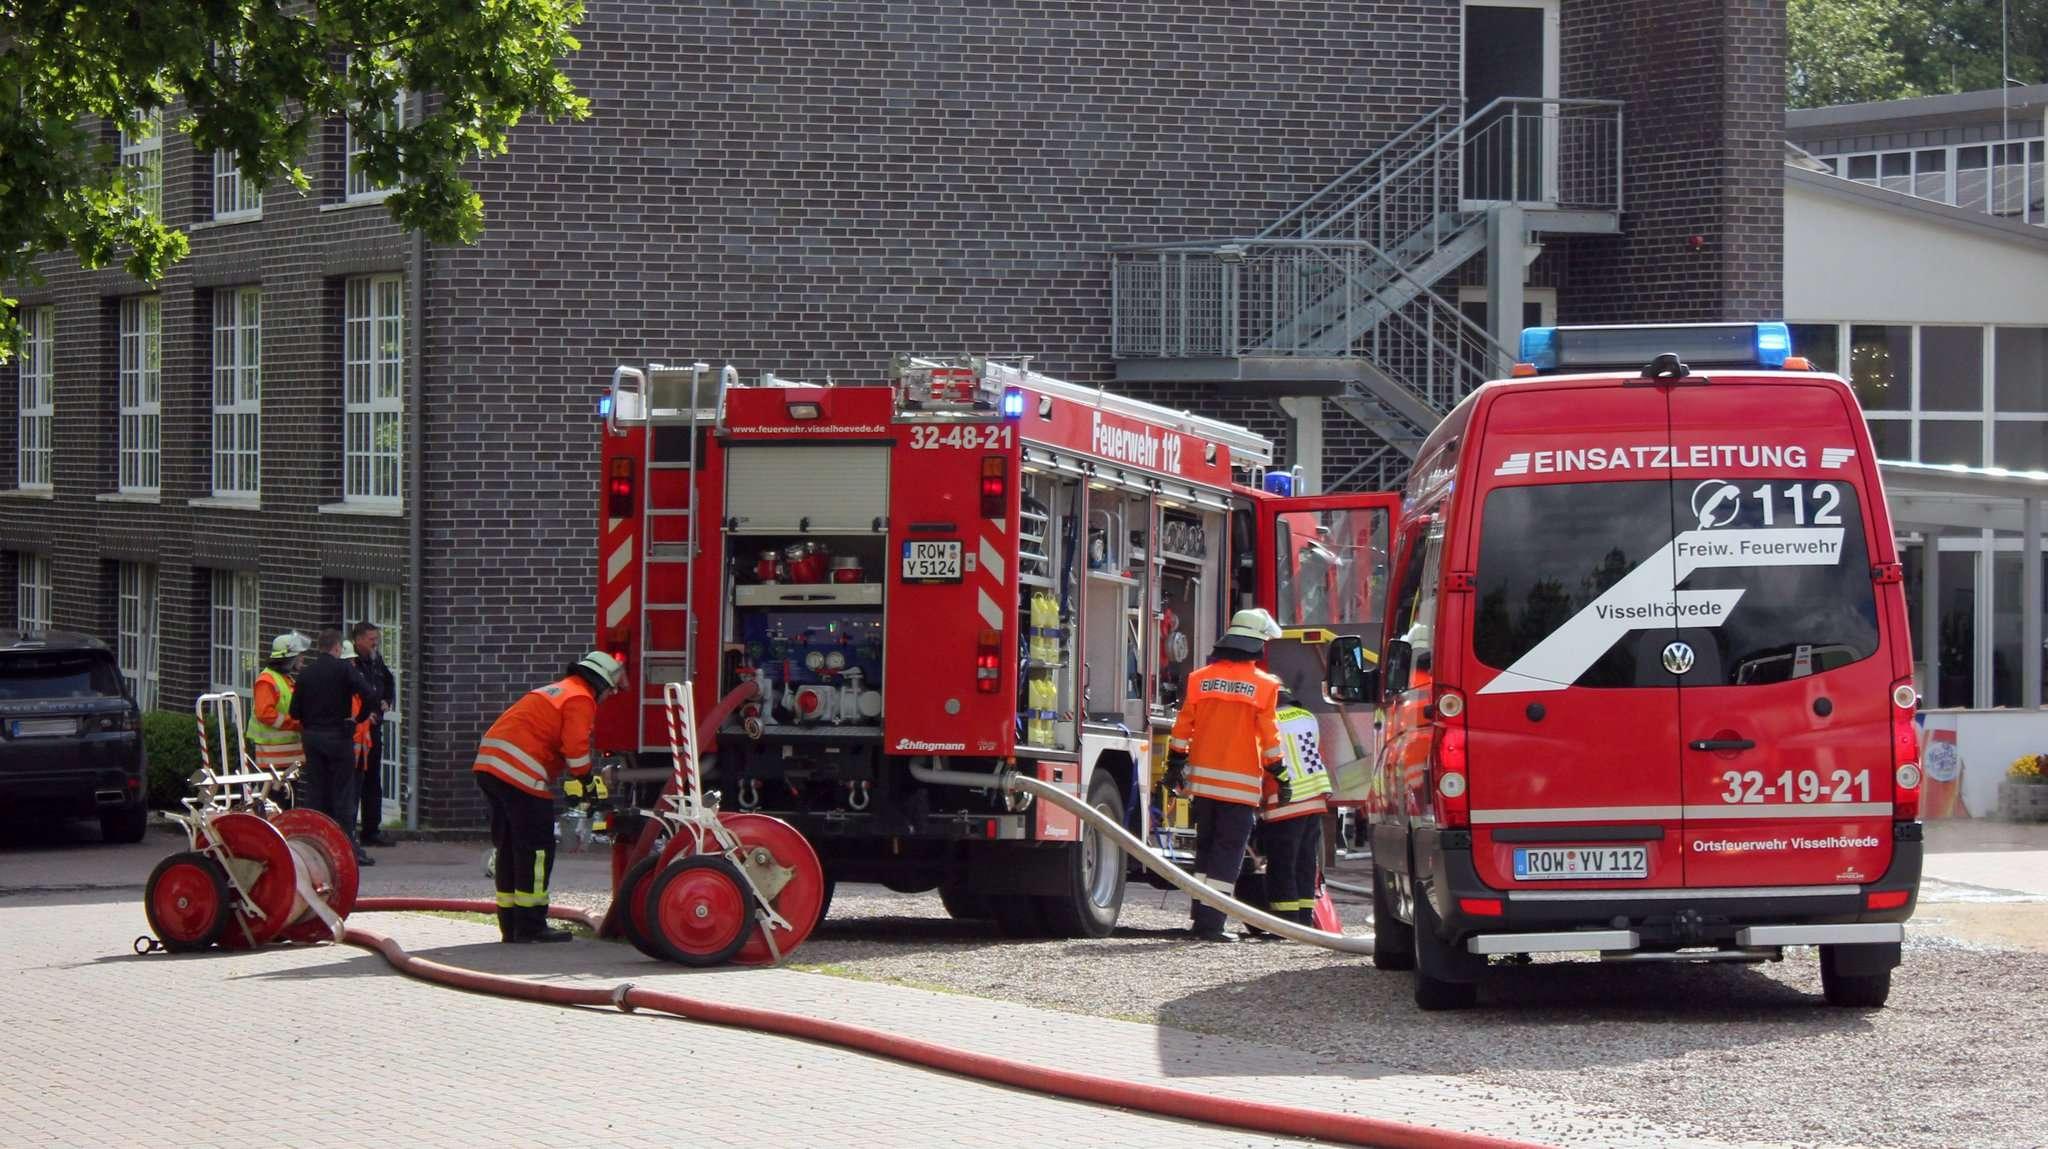 Der Feuerwehr gelang es, den Brand schnell in den Griff zu bekommen.